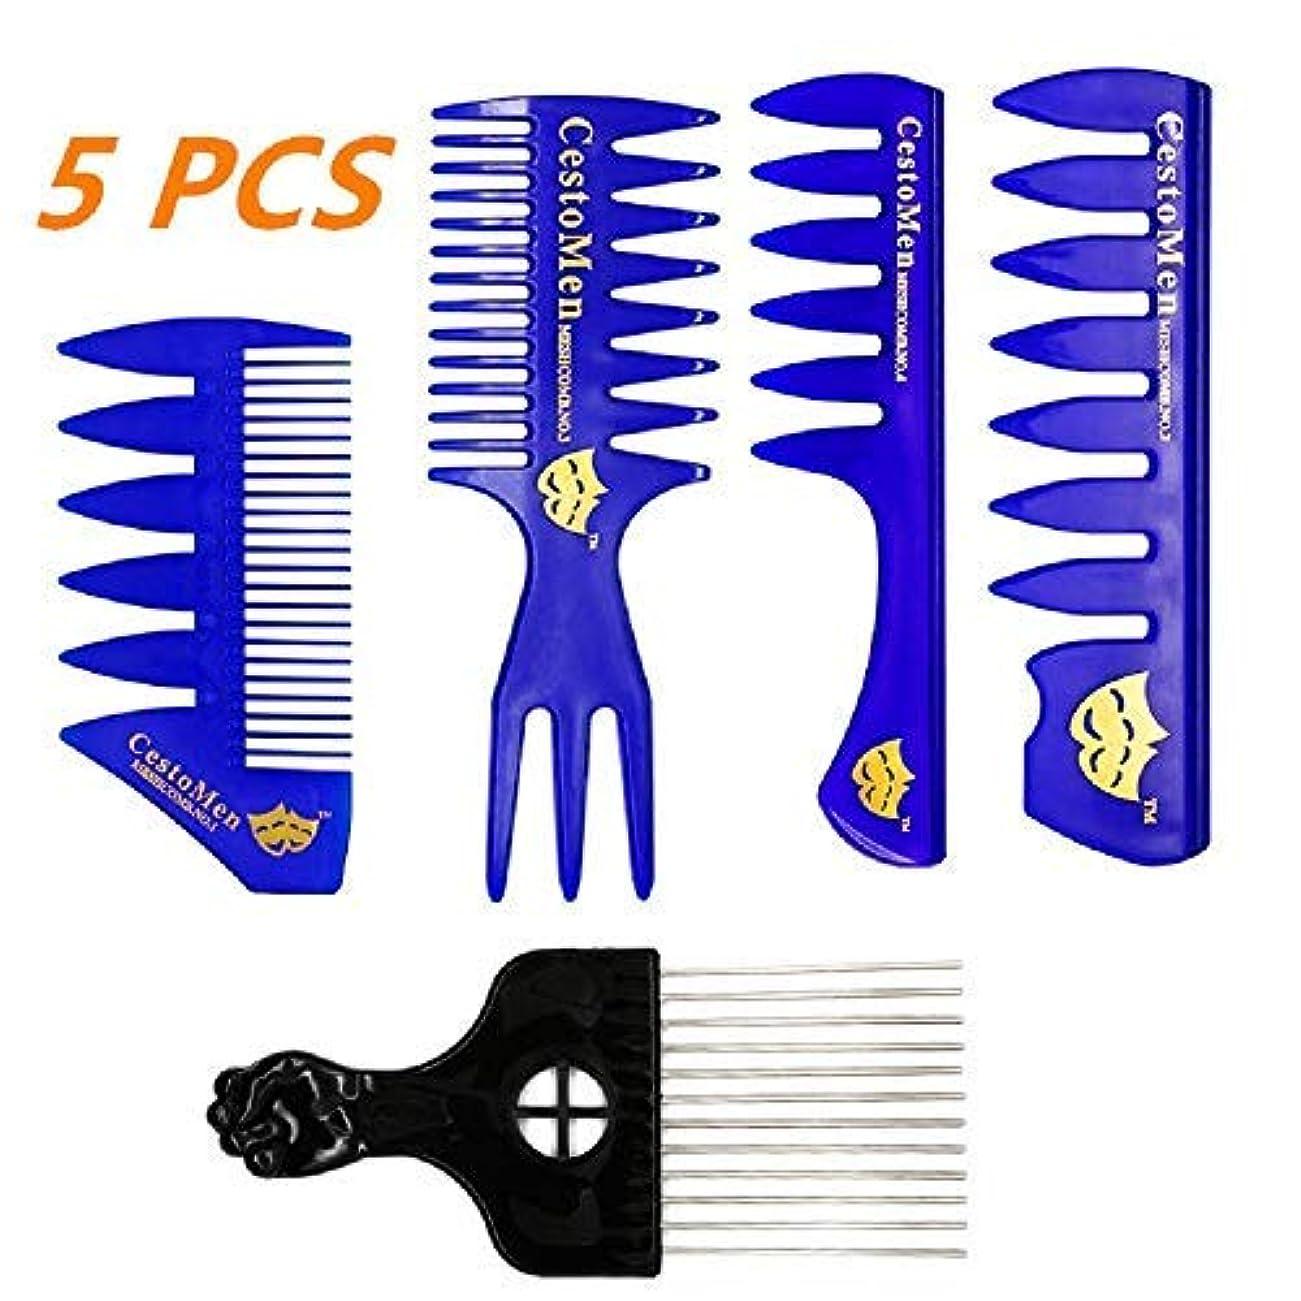 松明極貧シンク5 PCS Hair Comb Styling Set, Afro Pick Hair & Retro Hairstyle Wet Combs Professional Barber Tool (Blue & Black...